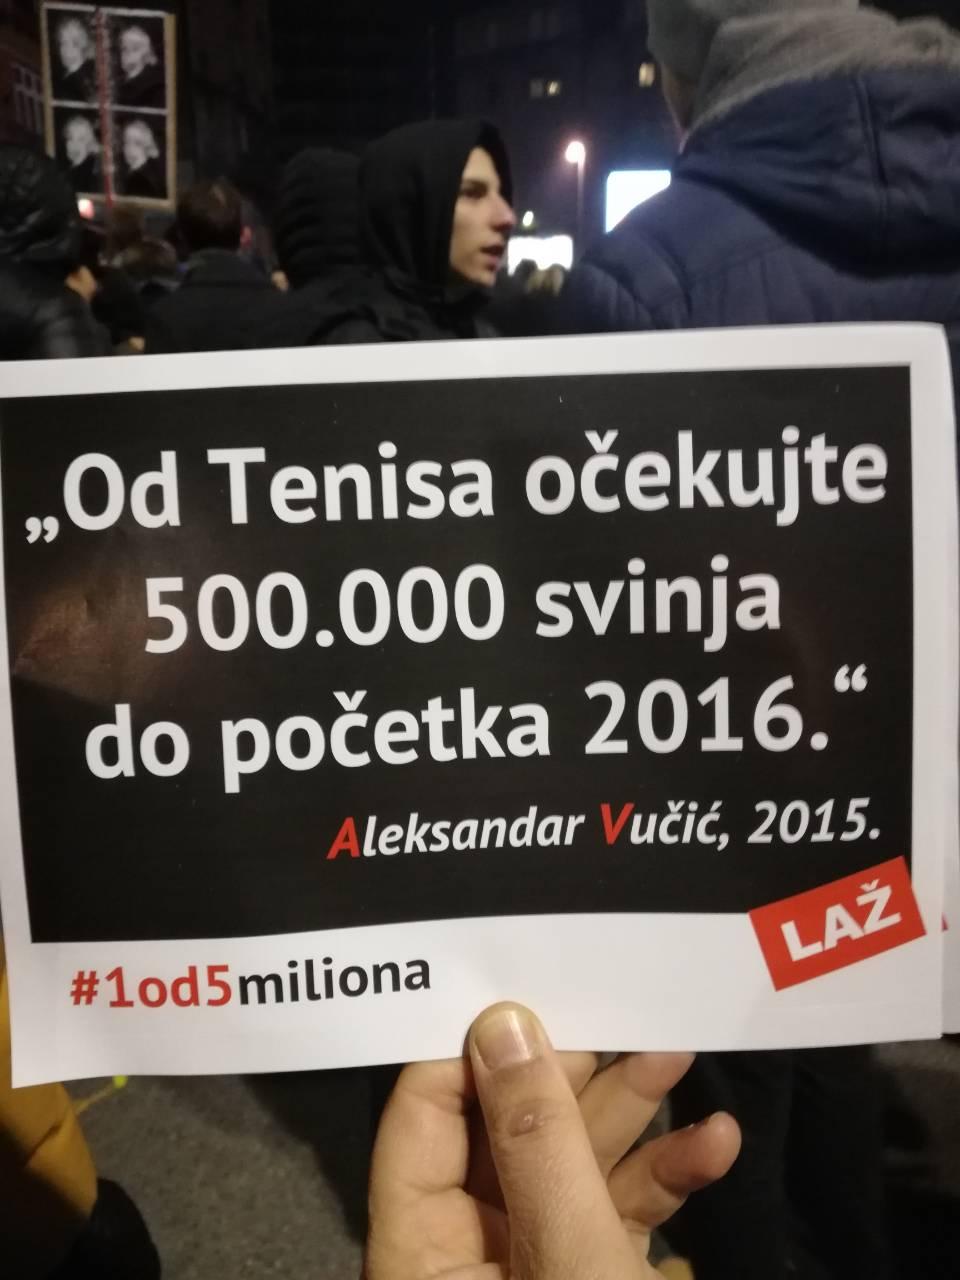 Više desetina hiljada demonstranata na ulicama Beograda: Terazijski tunel prozvan 'tunelom laži Aleksandra Vučića'